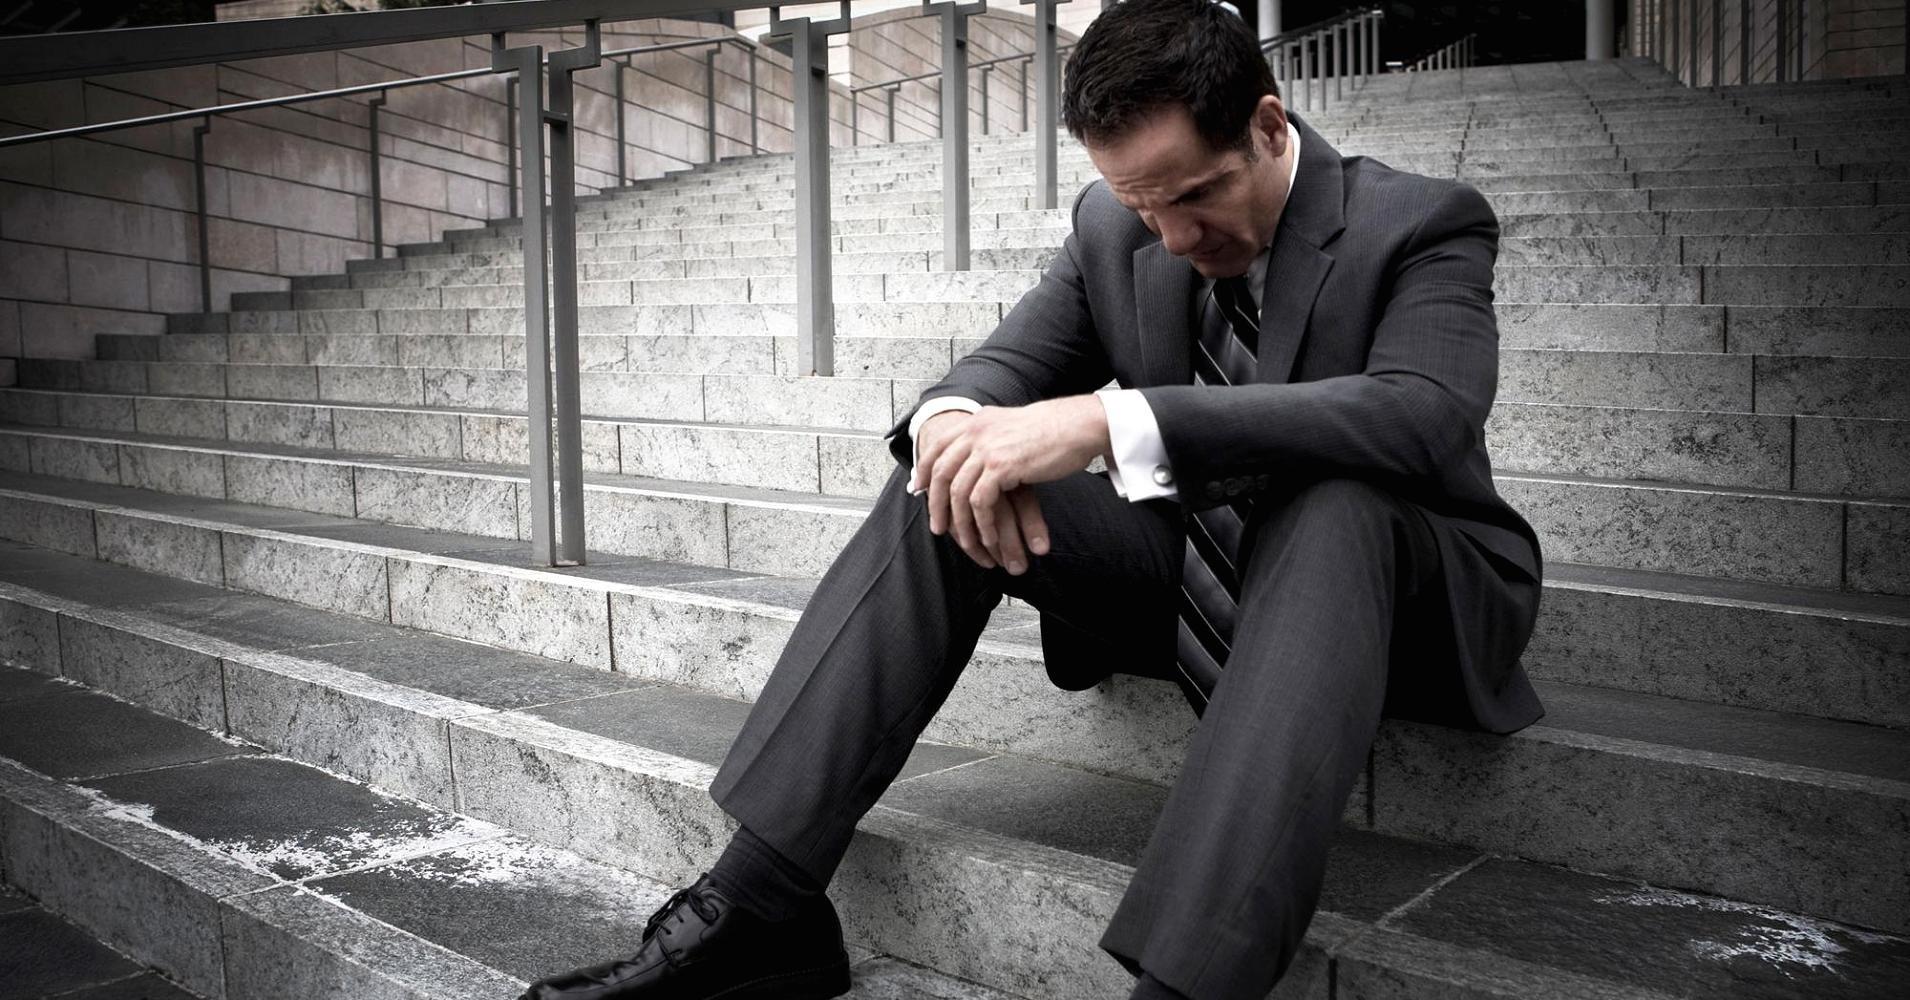 Картинка мужик на коленях в печали